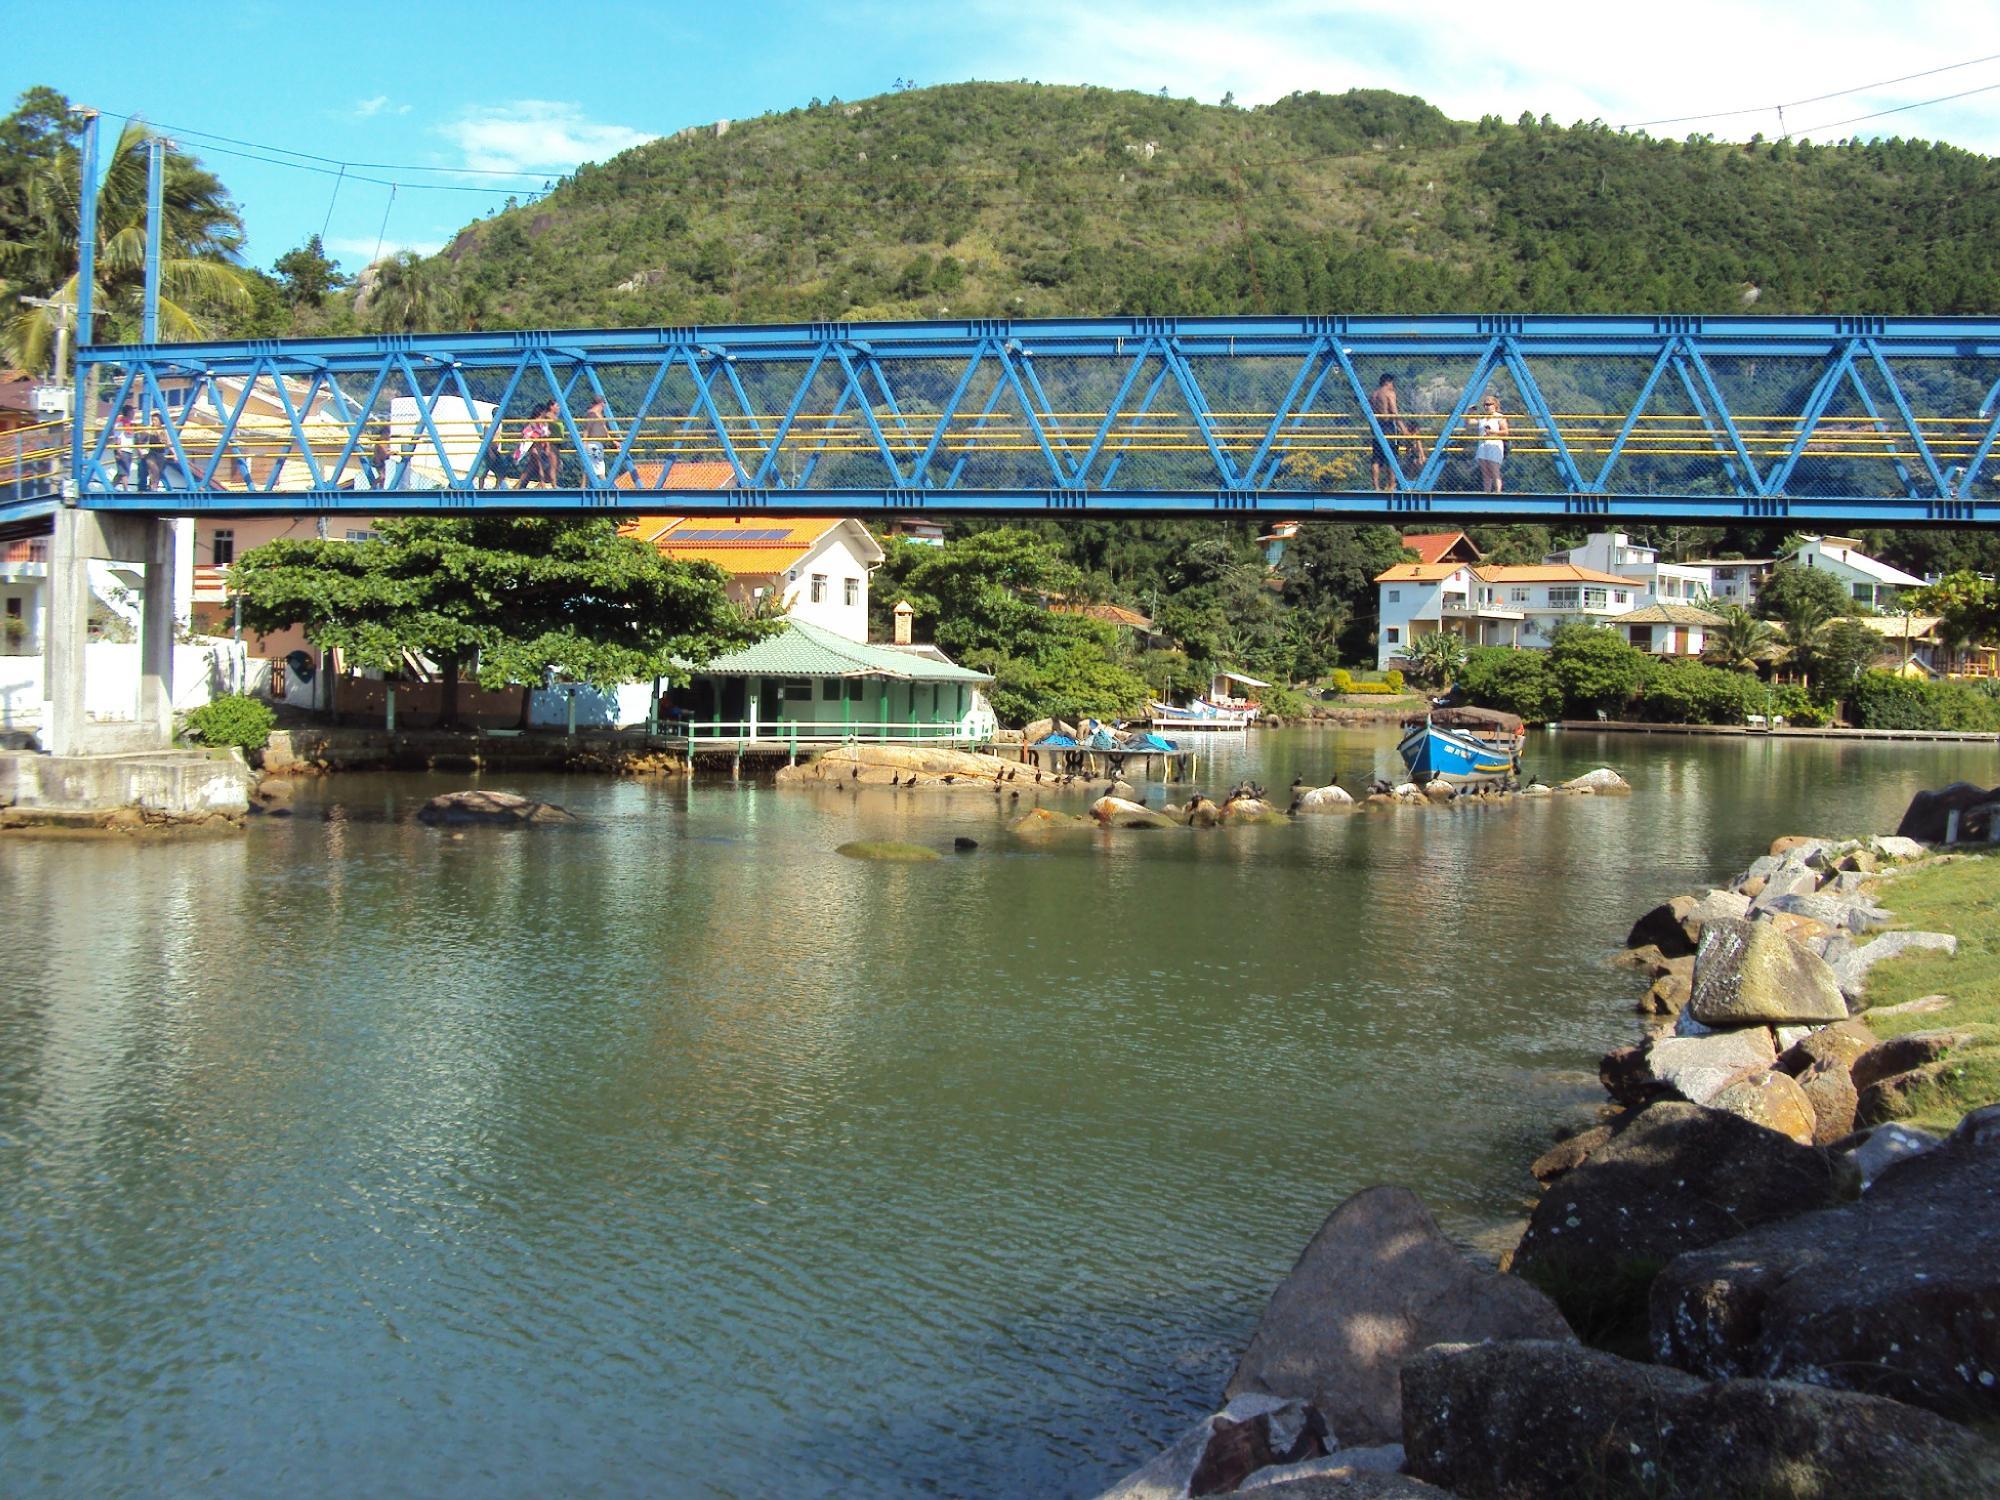 Pousada Maresia - Barra da lagoa - Florianópolis